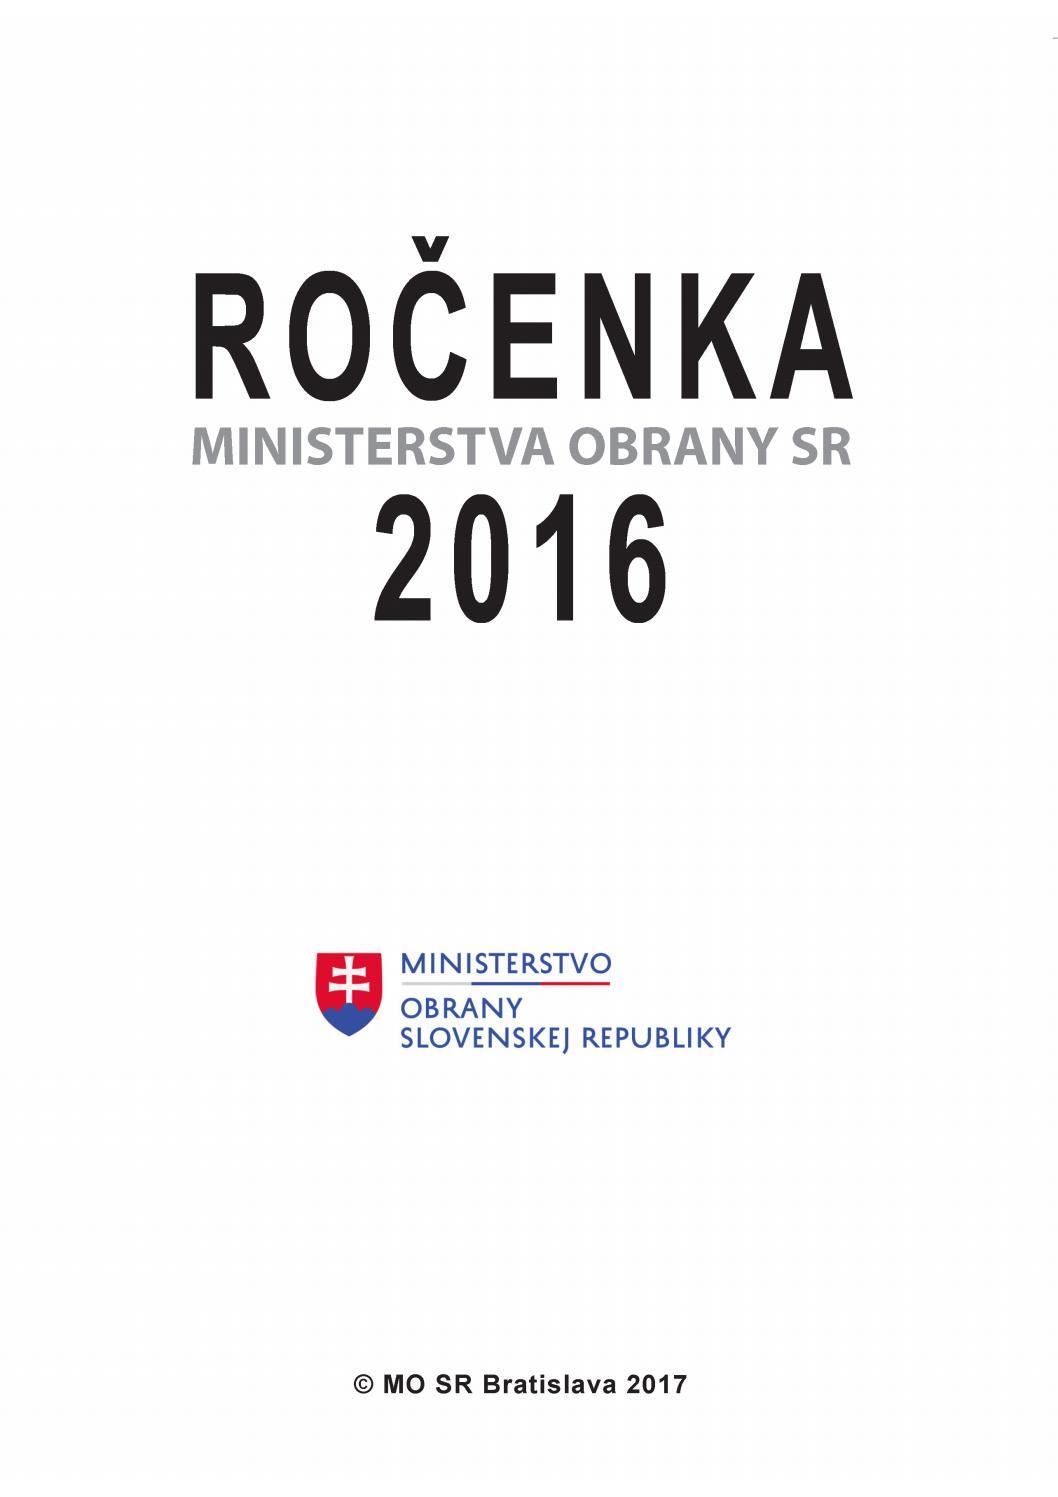 Ročenka MO SR 2016 by Ministerstvo obrany SR - issuu 2f31d9a5db